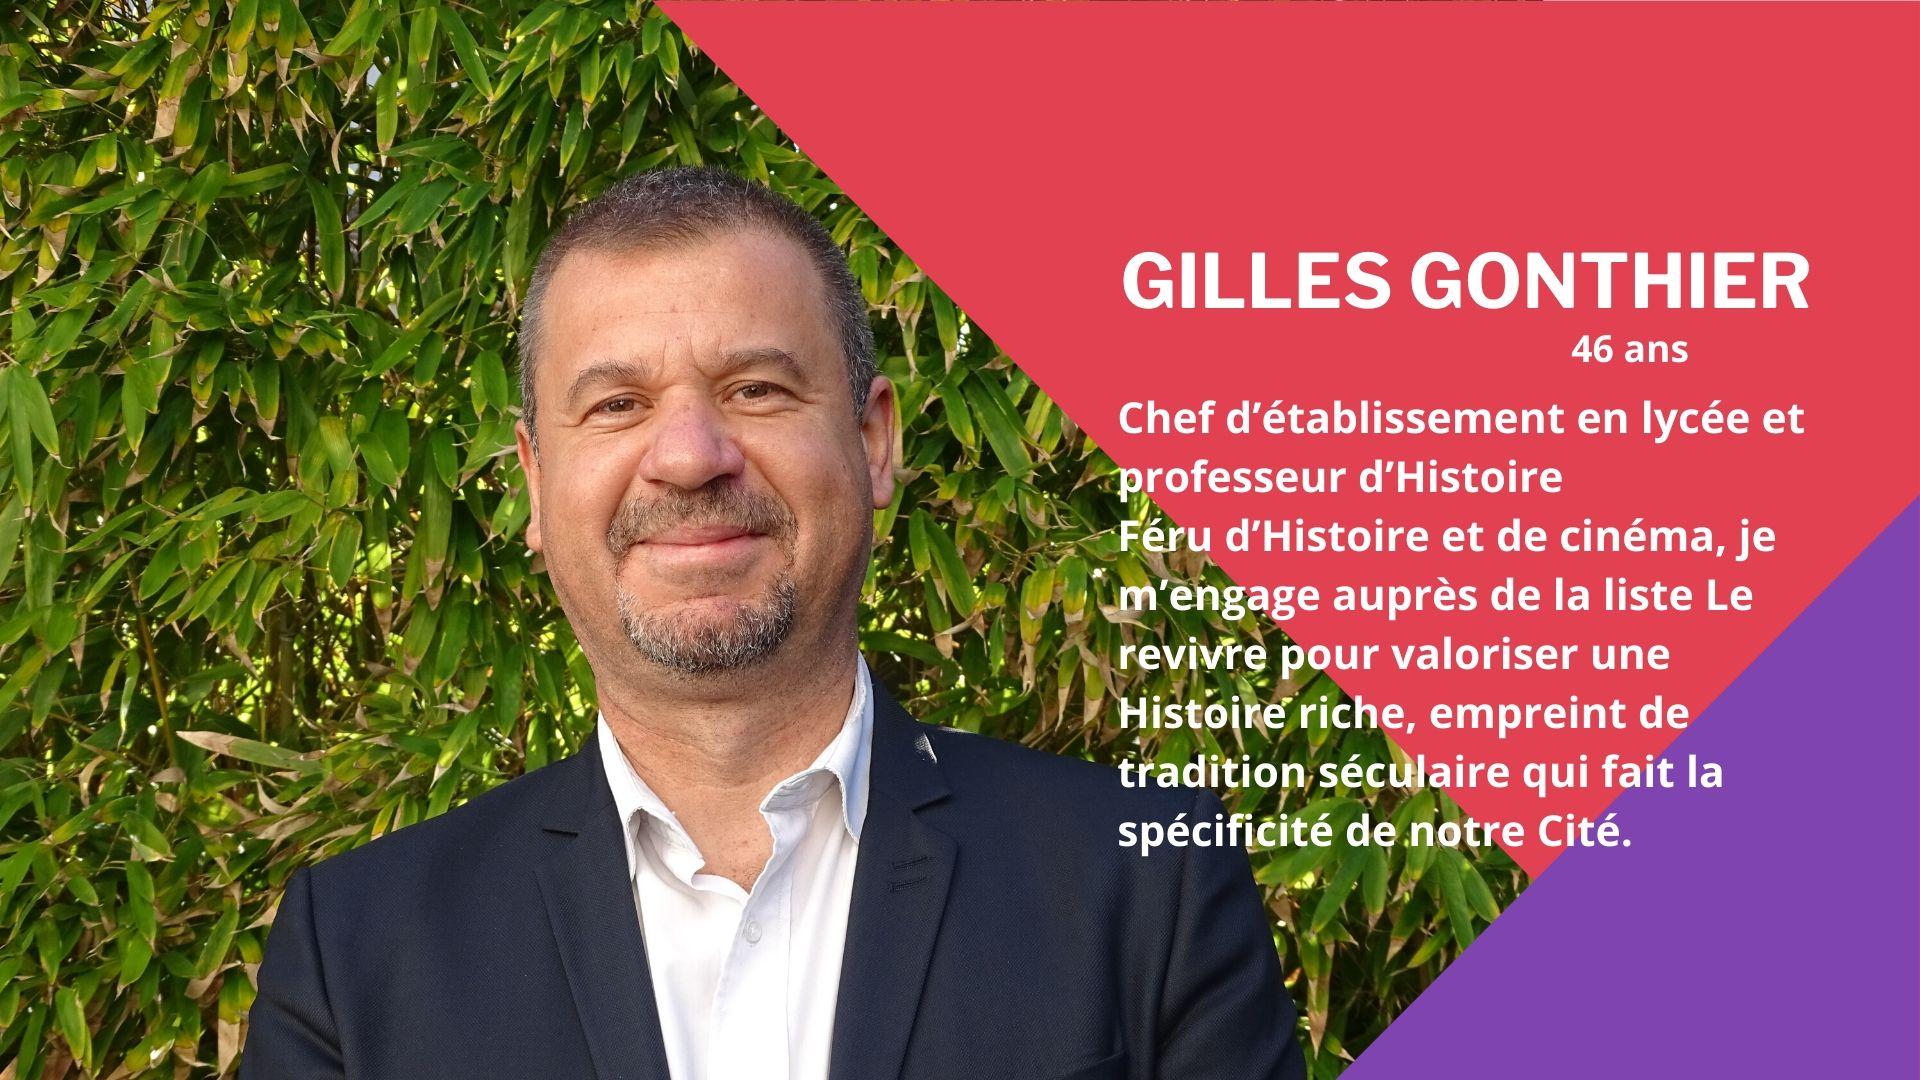 Le Revivre - Gilles Gonthier